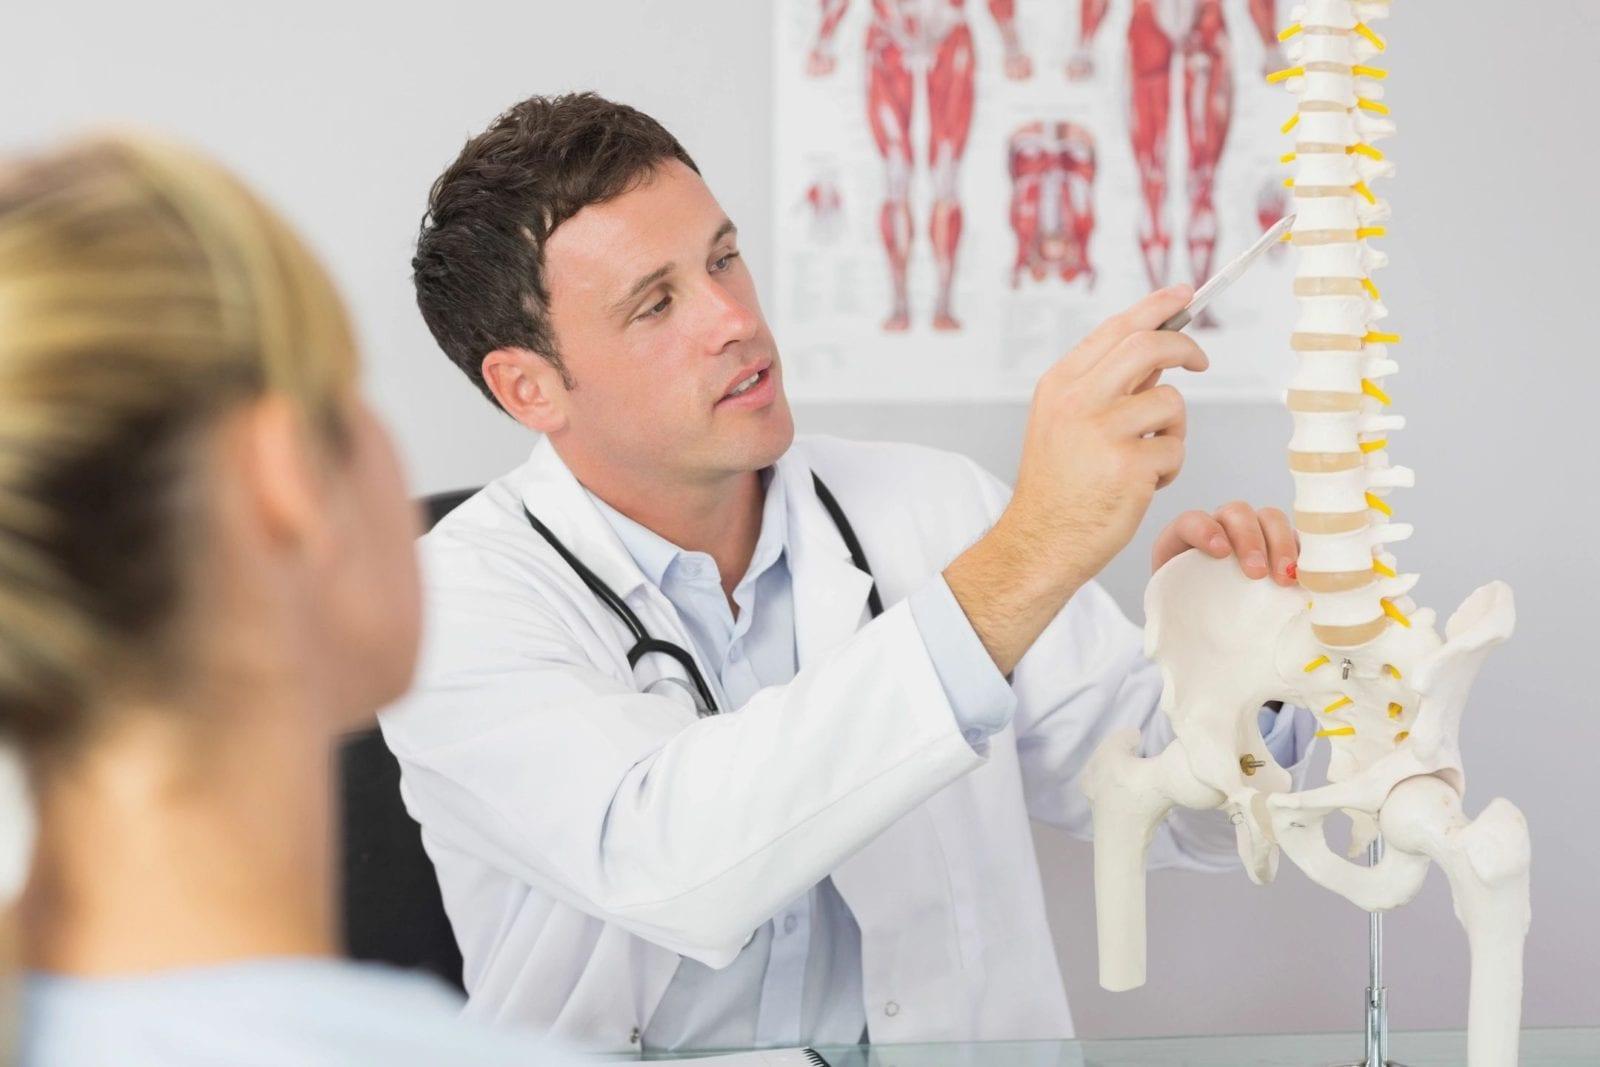 Chiropractor Equipment Financing